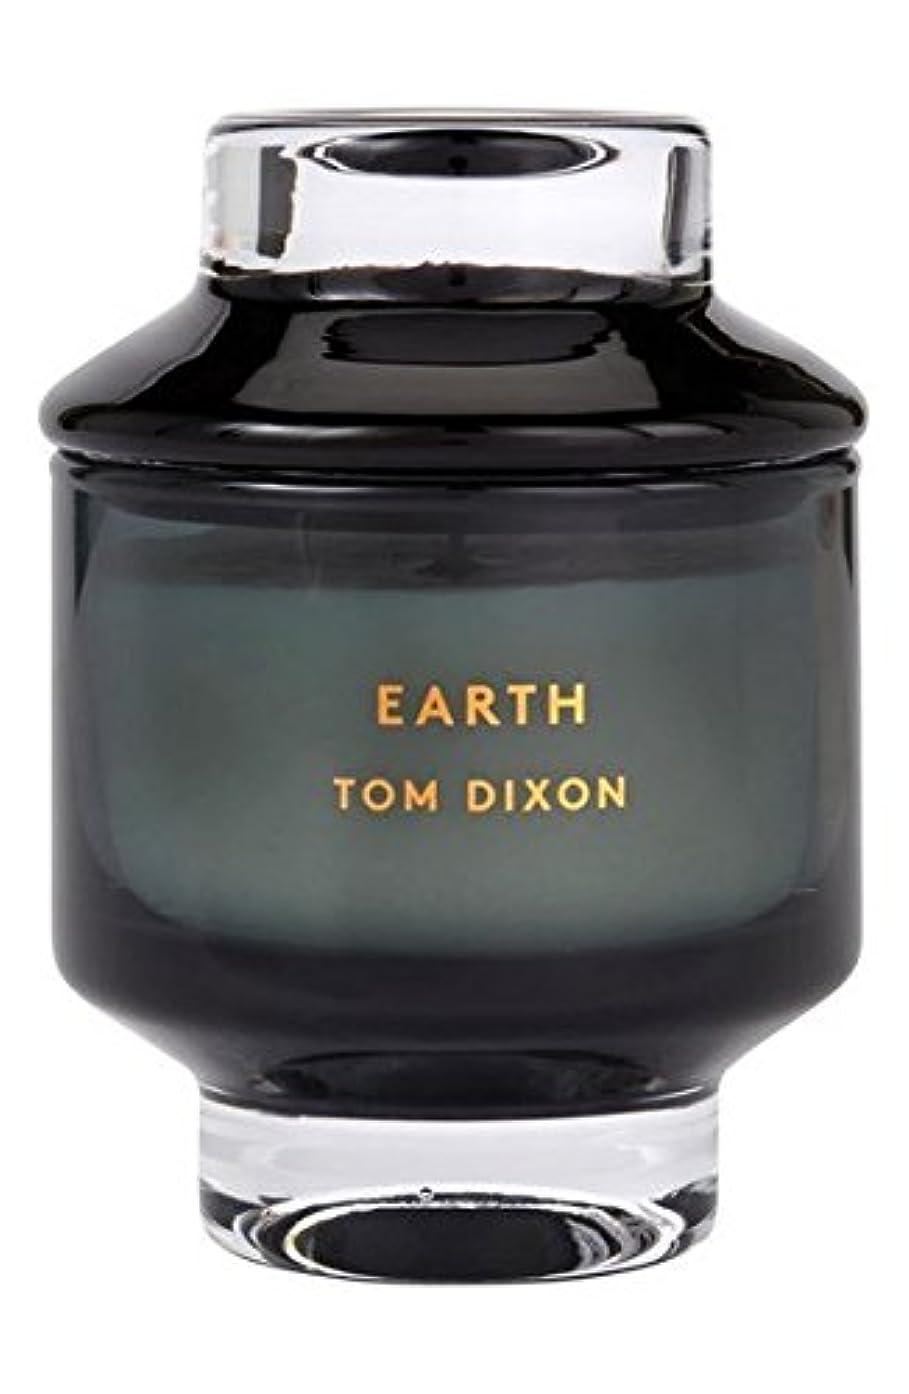 リア王ライナー未満Tom Dixon 'Earth' Candle (トム ディクソン 'アース' キャンドル大)Large